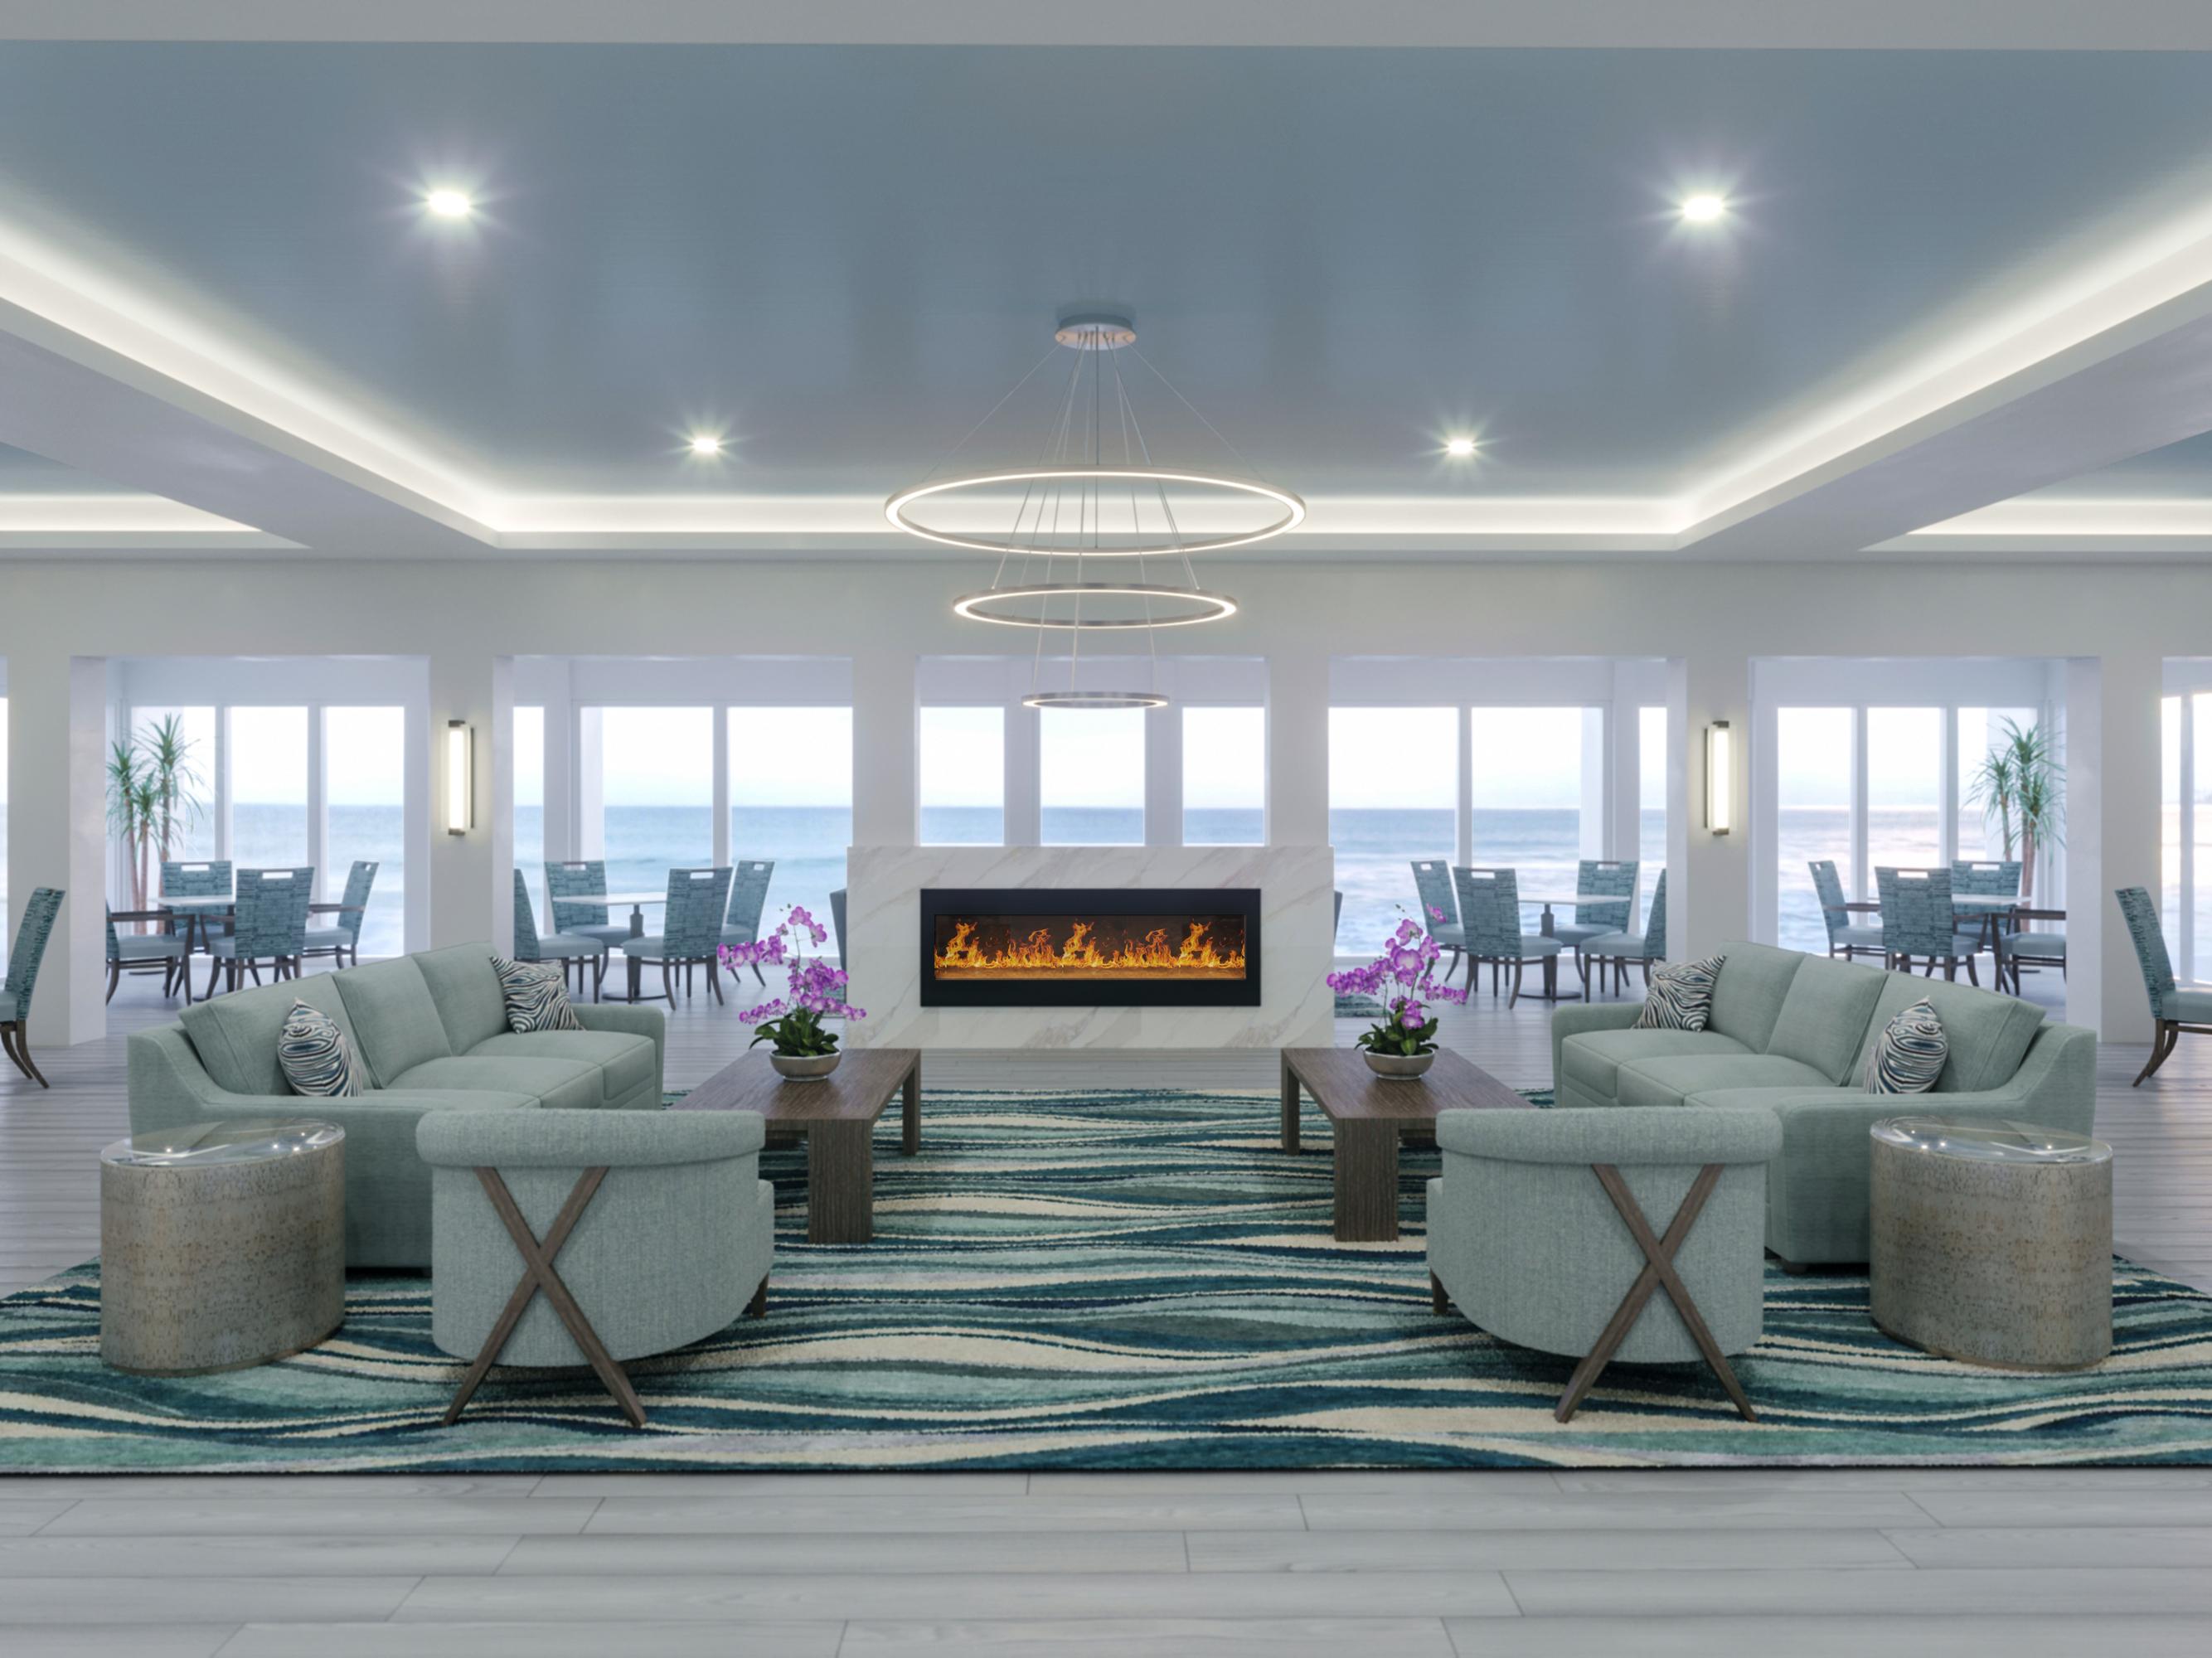 Clive daniel hospitality finalizing clubhouse at coronado - Interior design services boca raton ...